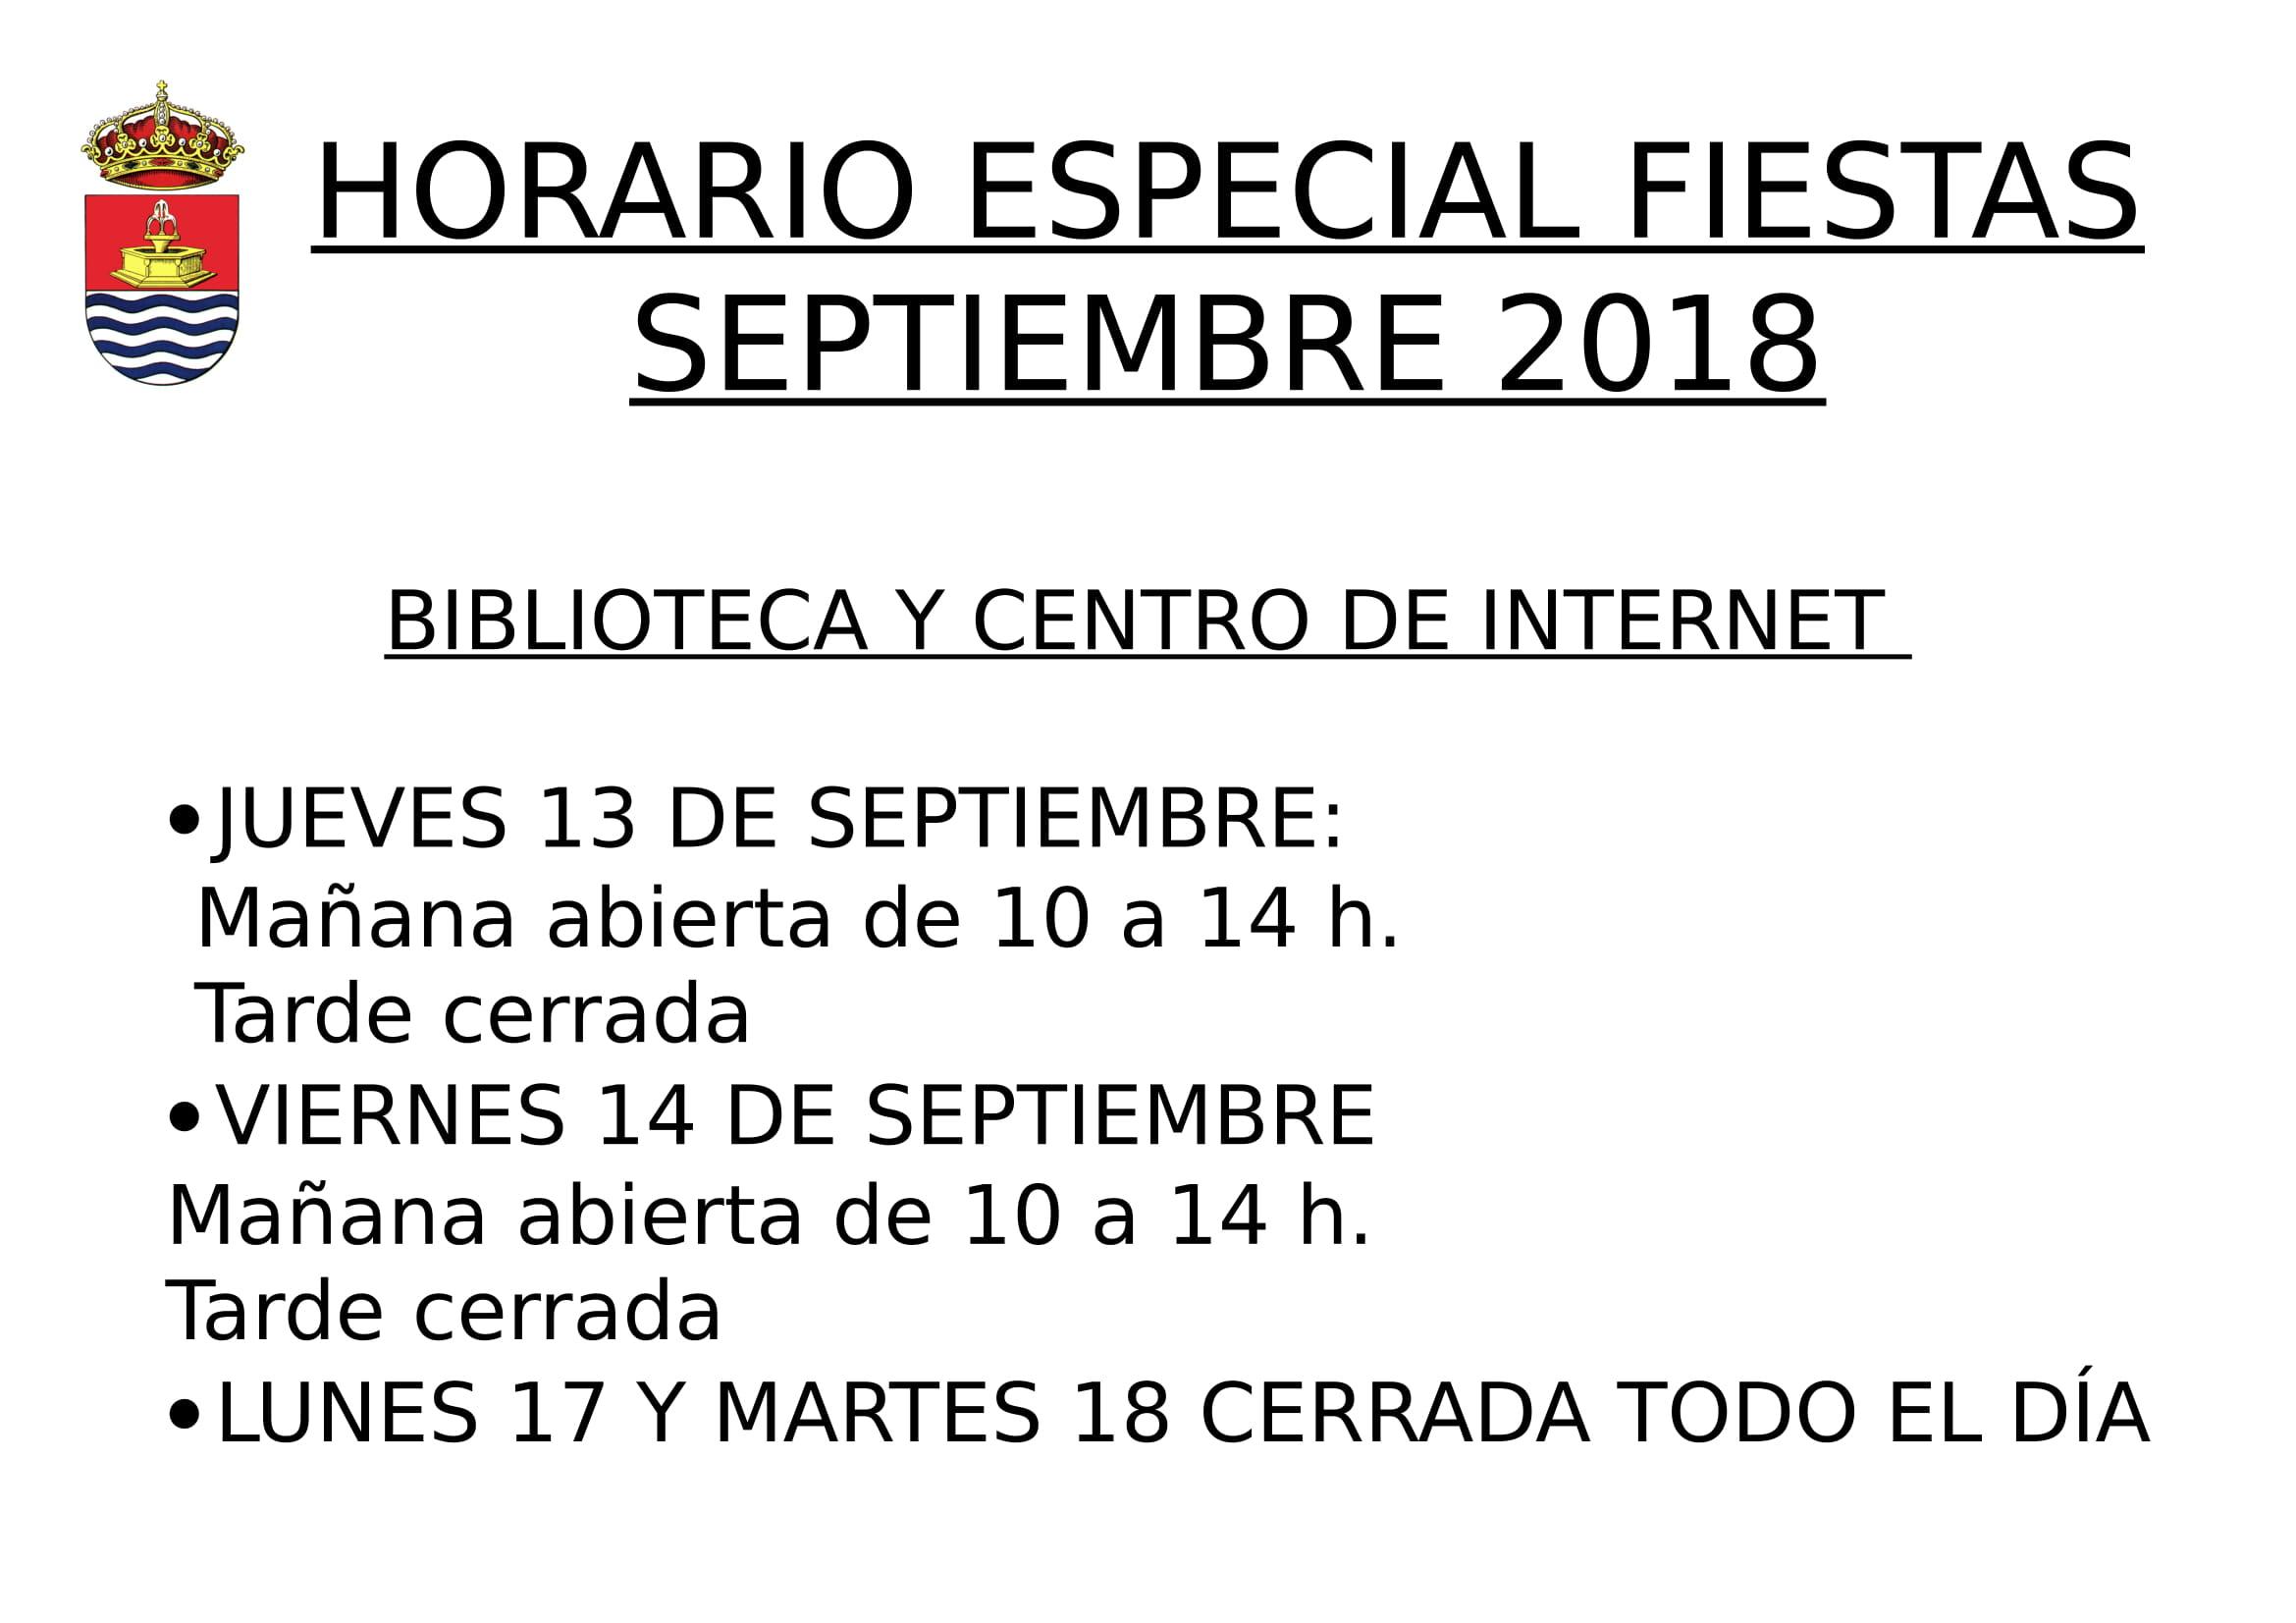 Horario especial Fiestas Septiembre – Biblioteca y Centro de internet